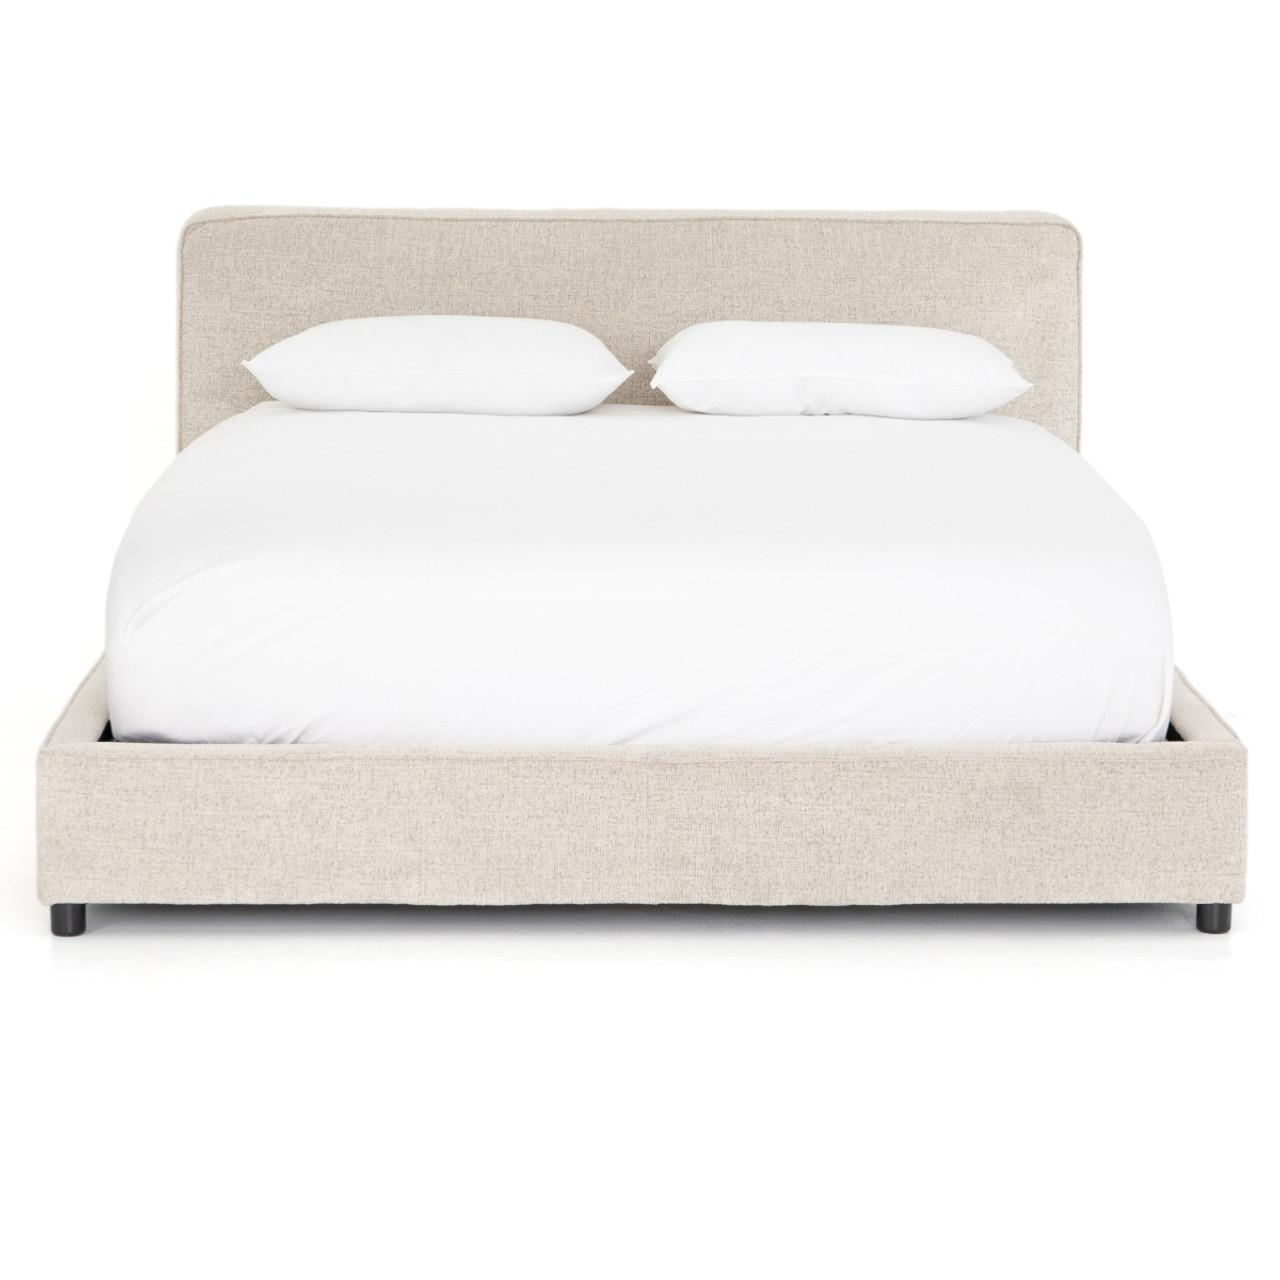 Aidan Low Profile Upholstered King Platform Bed Frame Zin Home